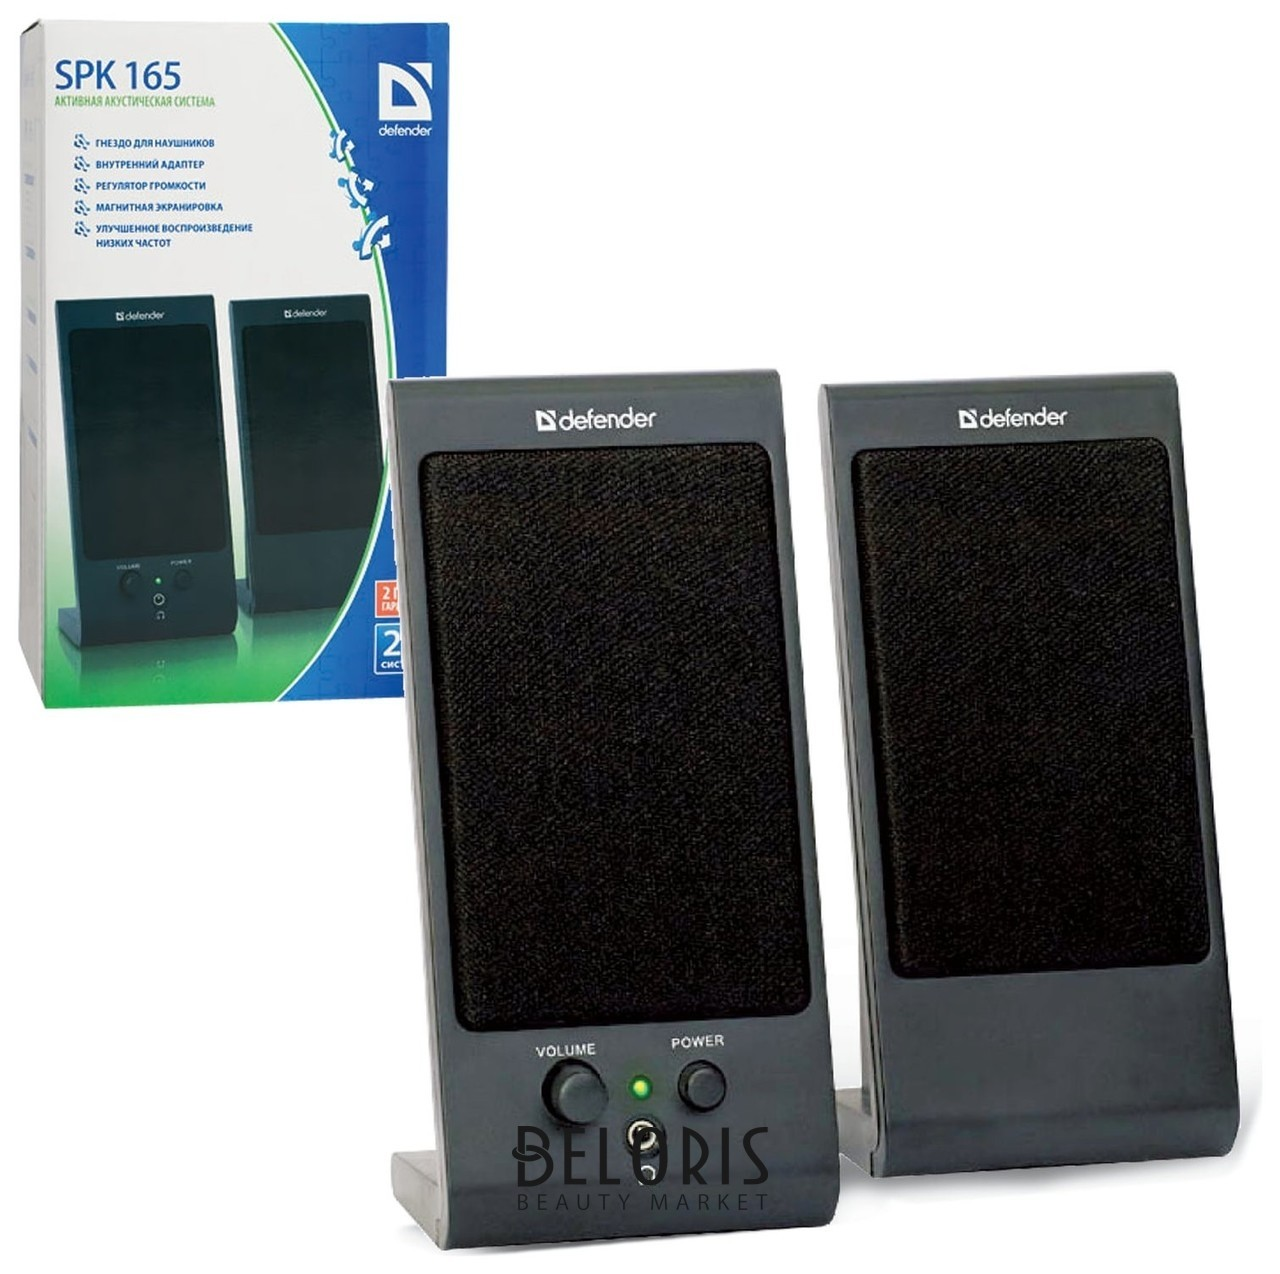 Колонки компьютерные DEFENDER SPK-165/170, 2.0, 2х2 W, пластик, черные, разъем для наушников  Defender